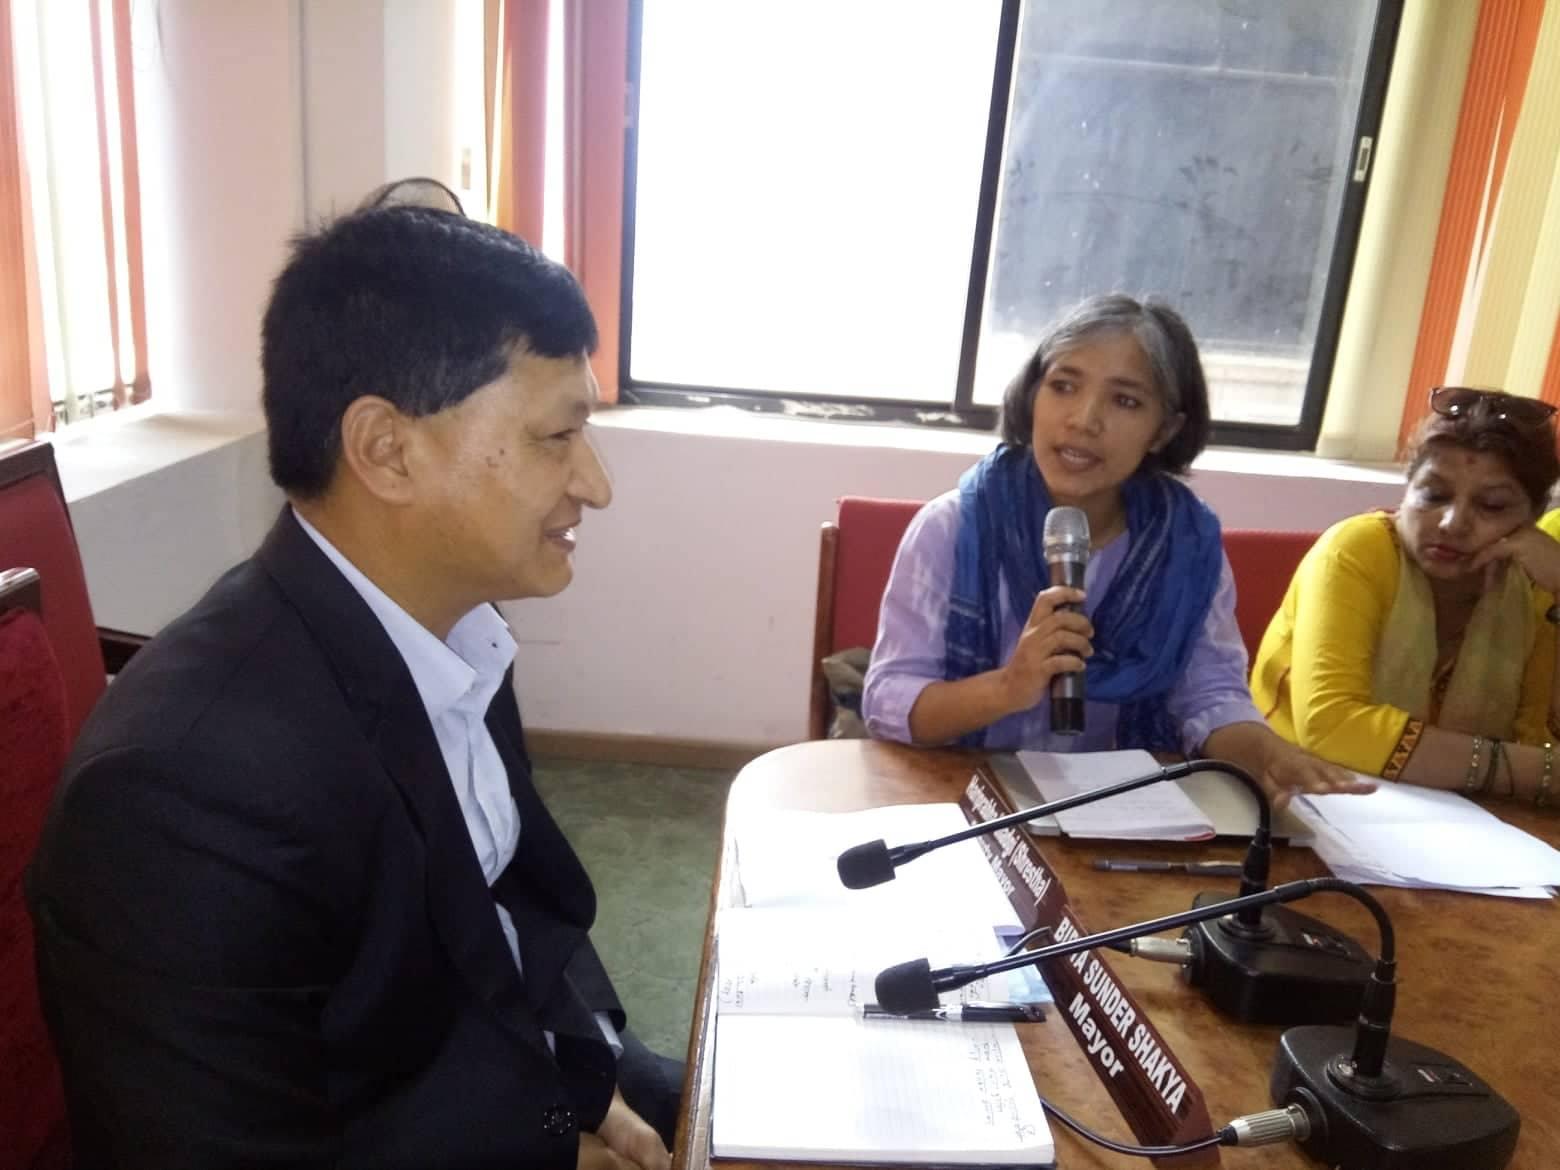 काठमाडौंका मेयरलाई मानुषीको सुझाव– स्मार्ट सिटी बनाउन स्मार्ट बन्नुस्